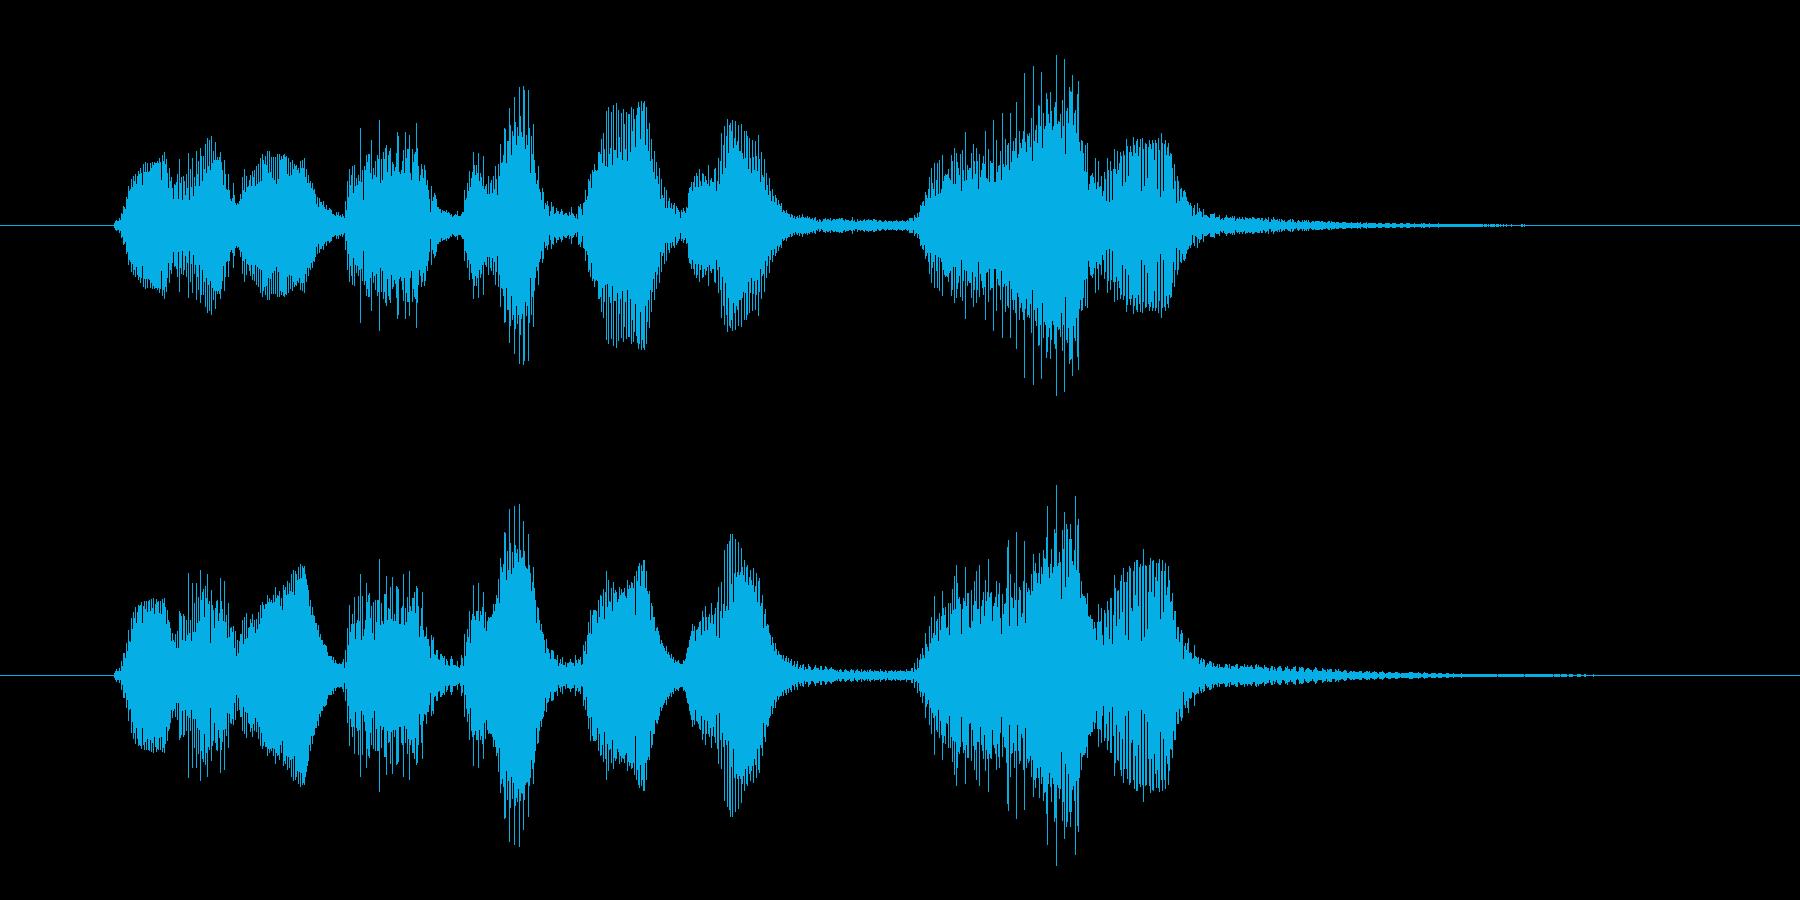 その名の通りほのぼのとしたジングルですの再生済みの波形